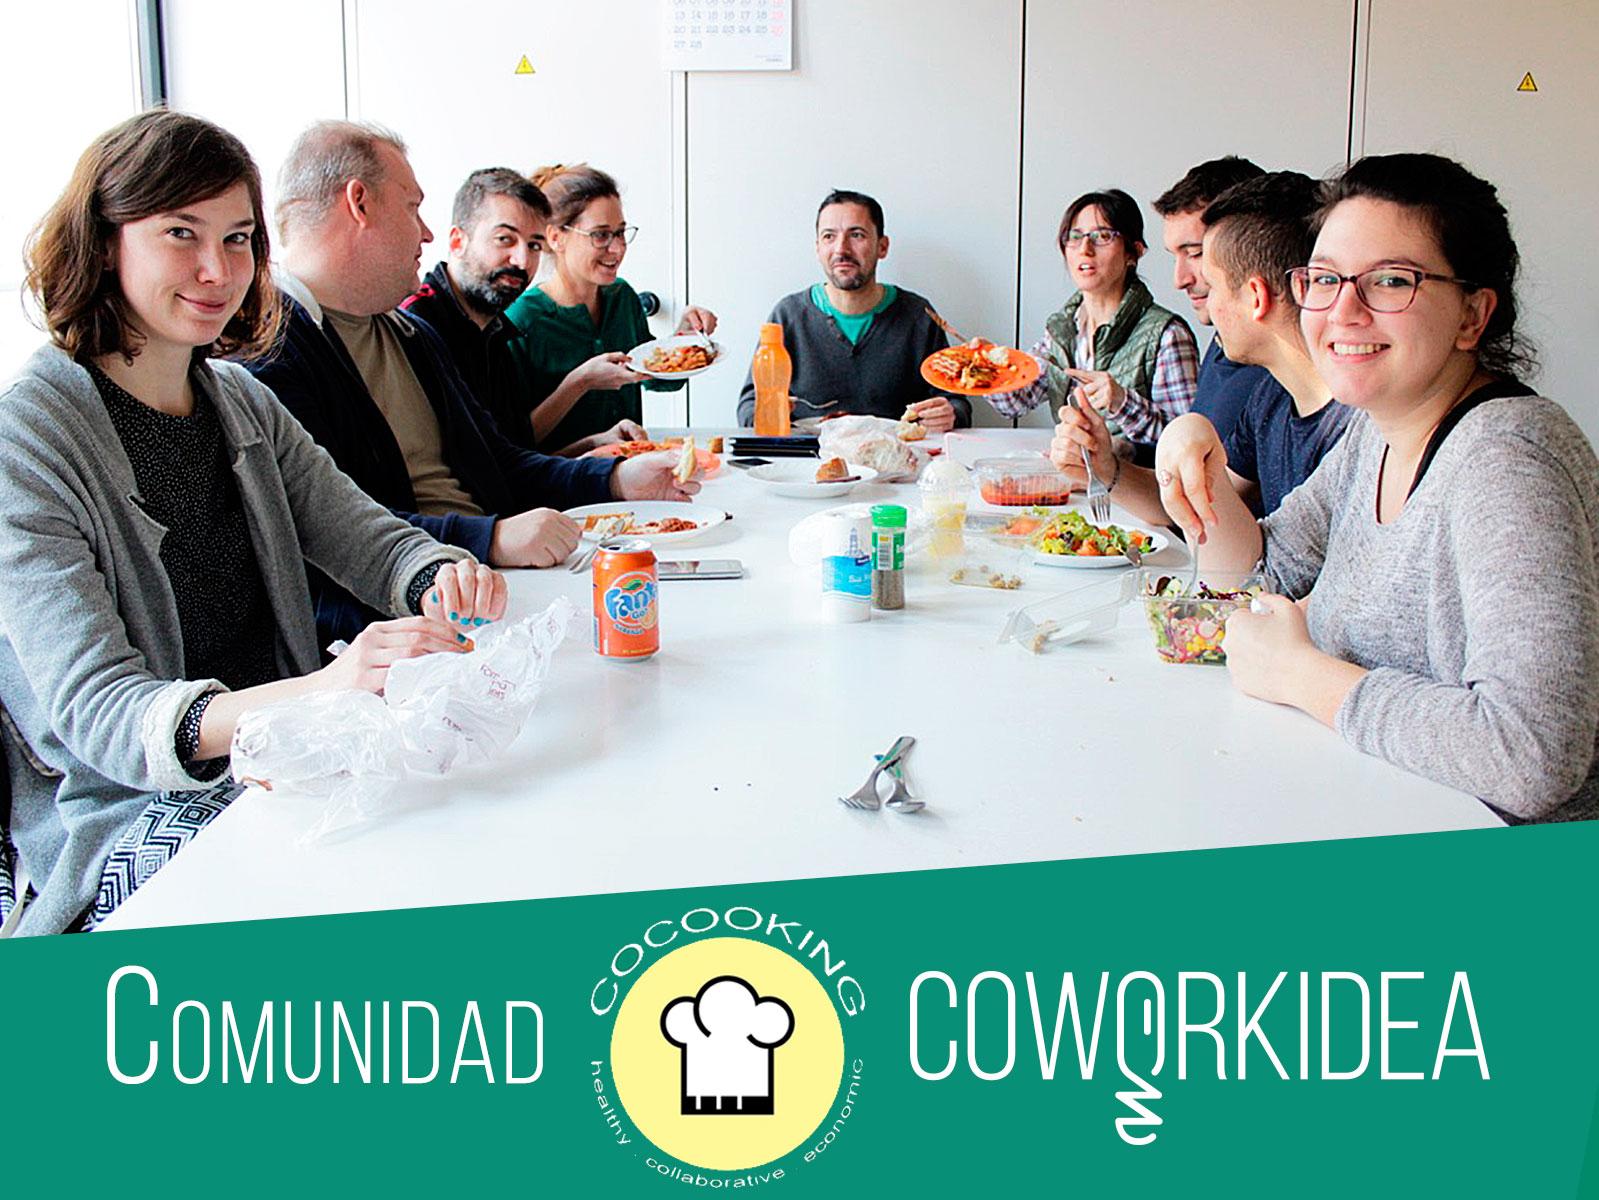 Cocooking, un proyecto colaborativo y nutritivo en el coworking